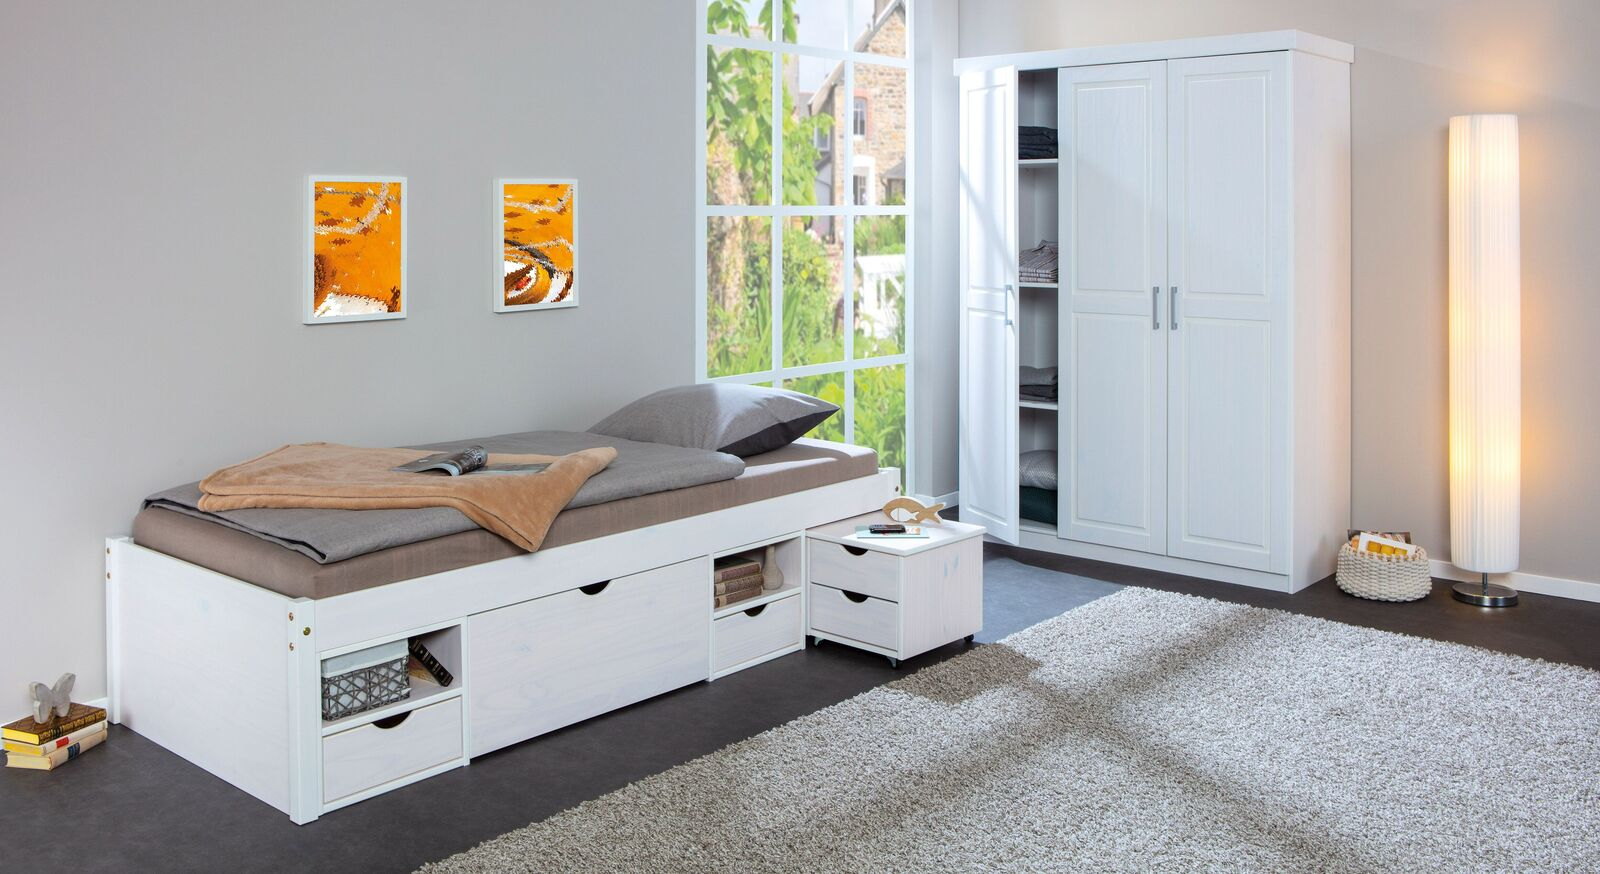 Schubkasten-Einzelbett Göteborg mit passenden Produkten